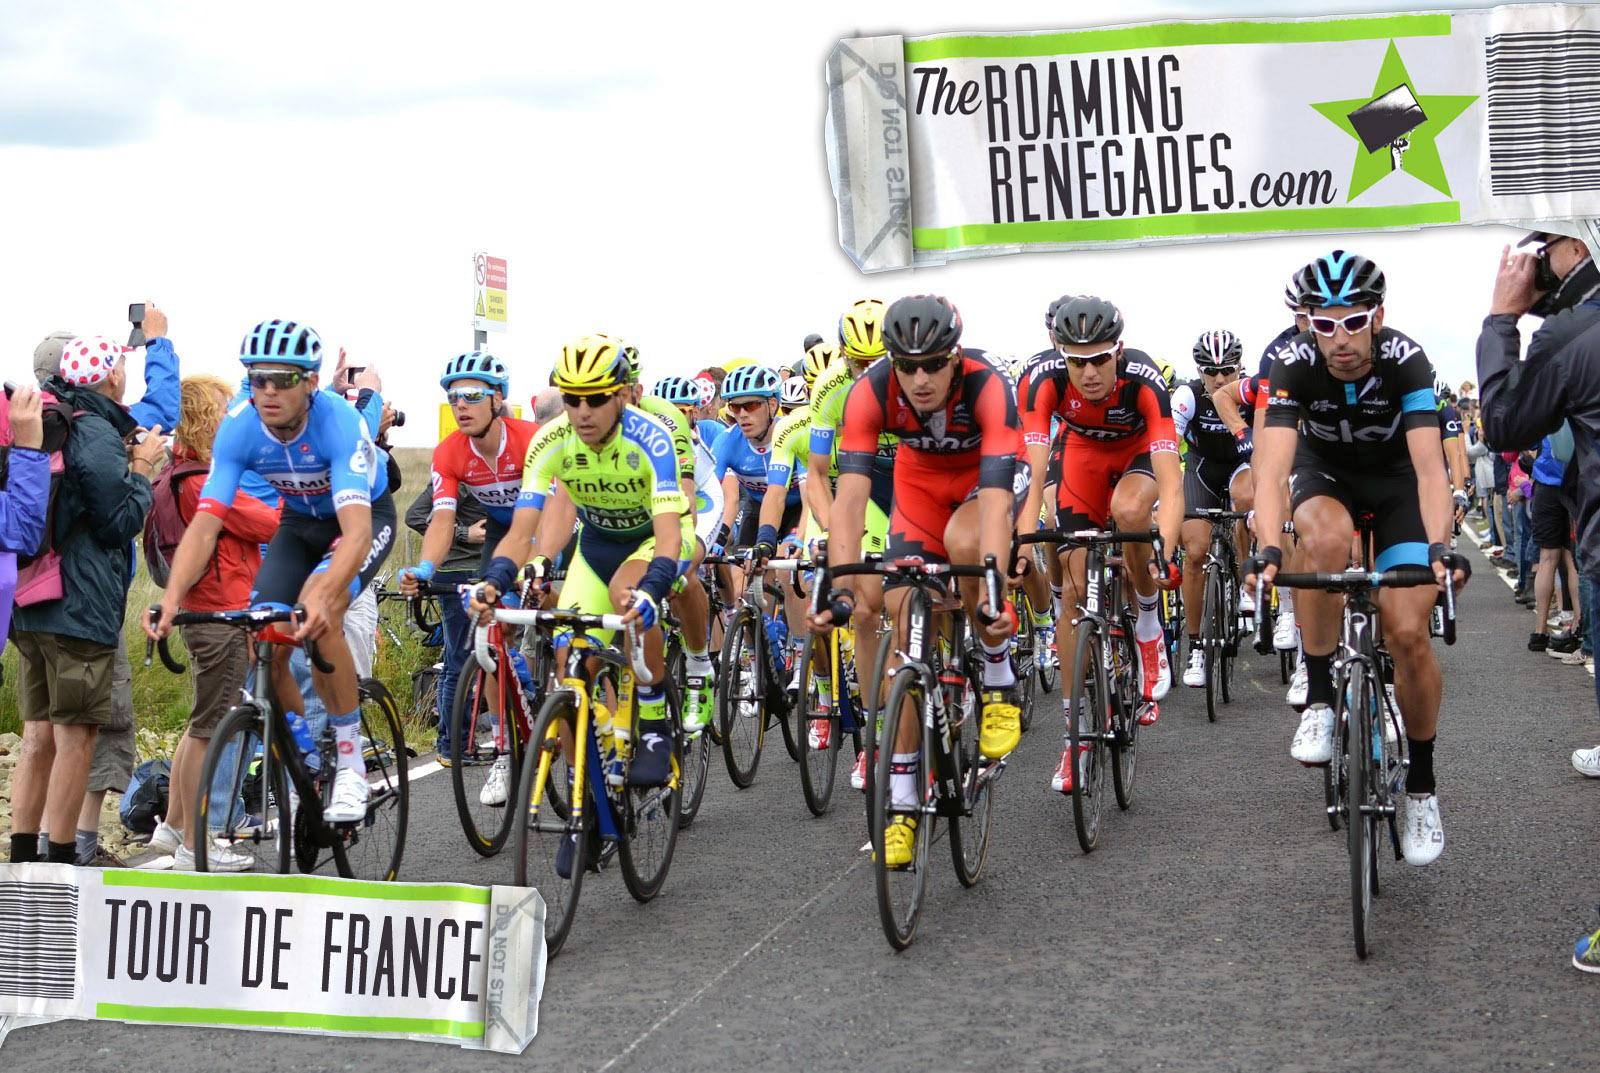 Le Tour De France Comes To My Village!!